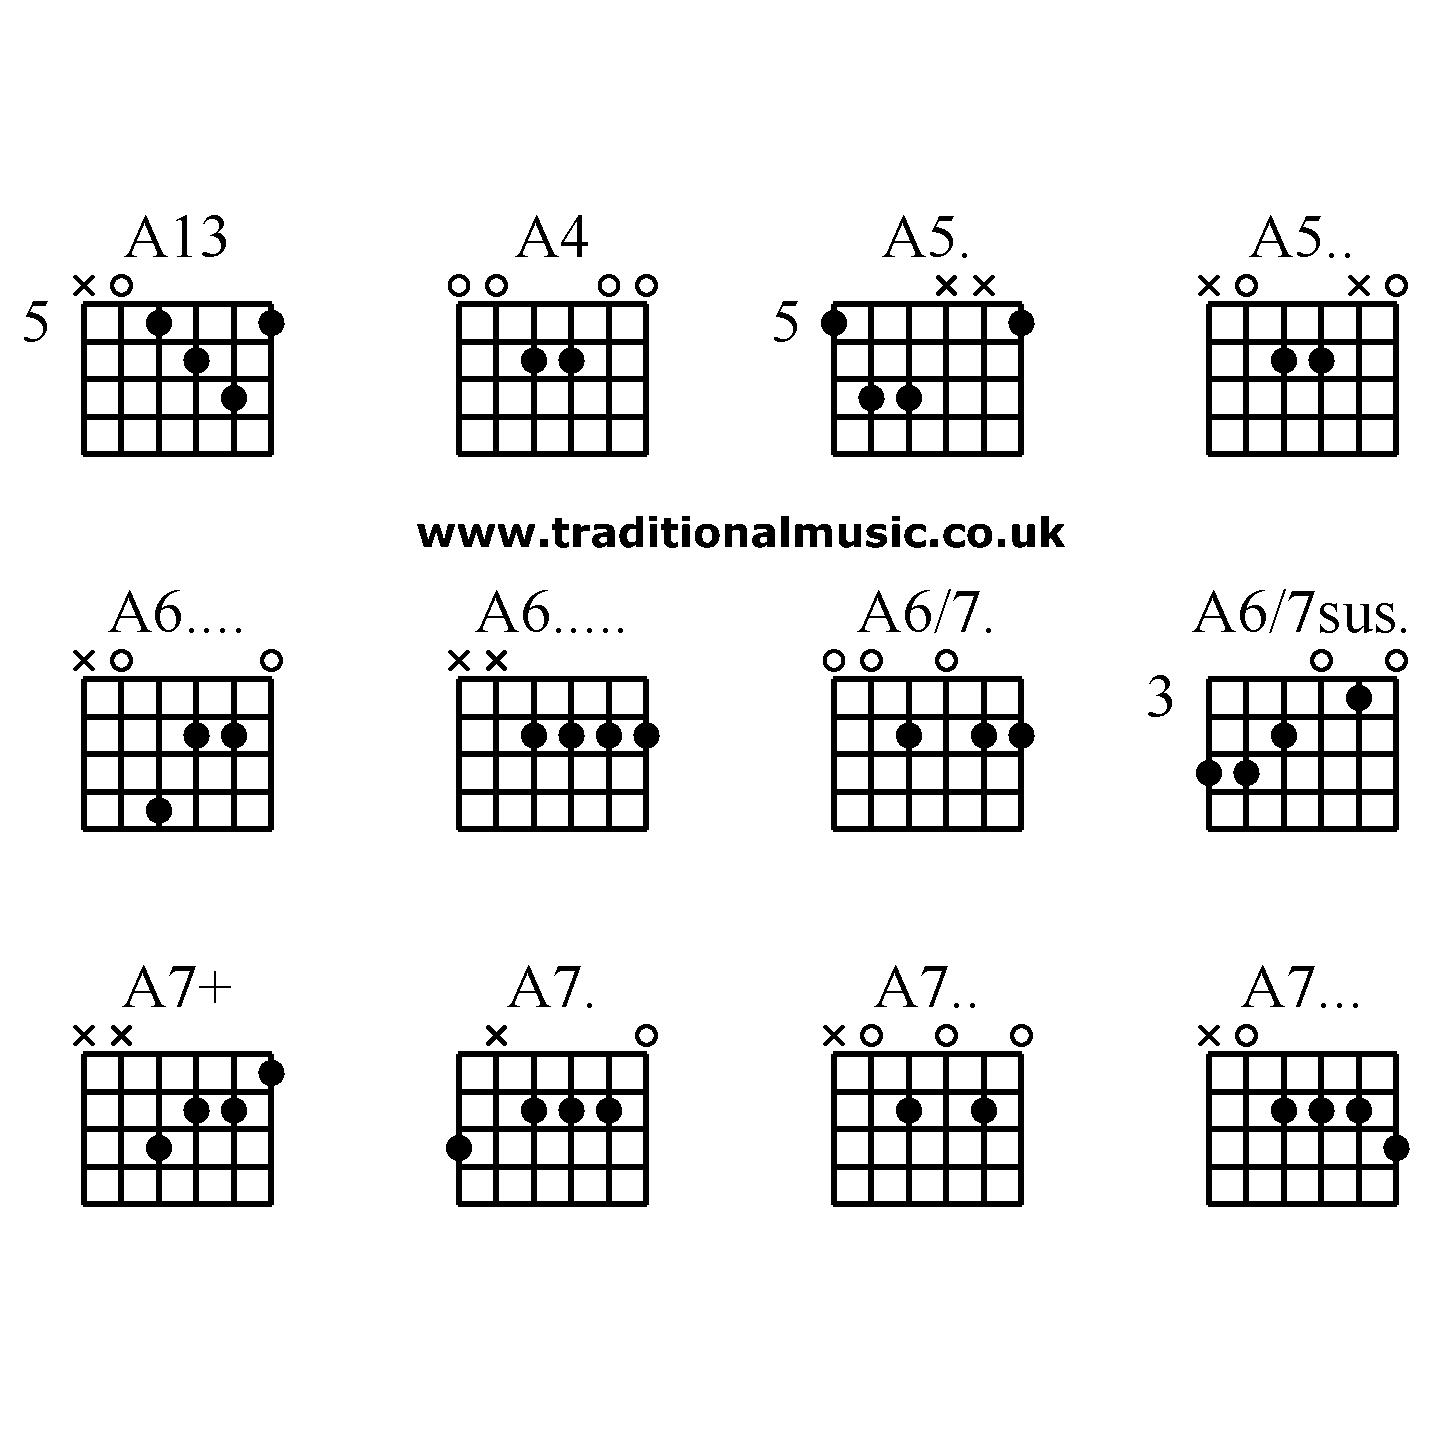 Advanced Guitar Chords A13 A4 A5 A5 A6 A6 A6